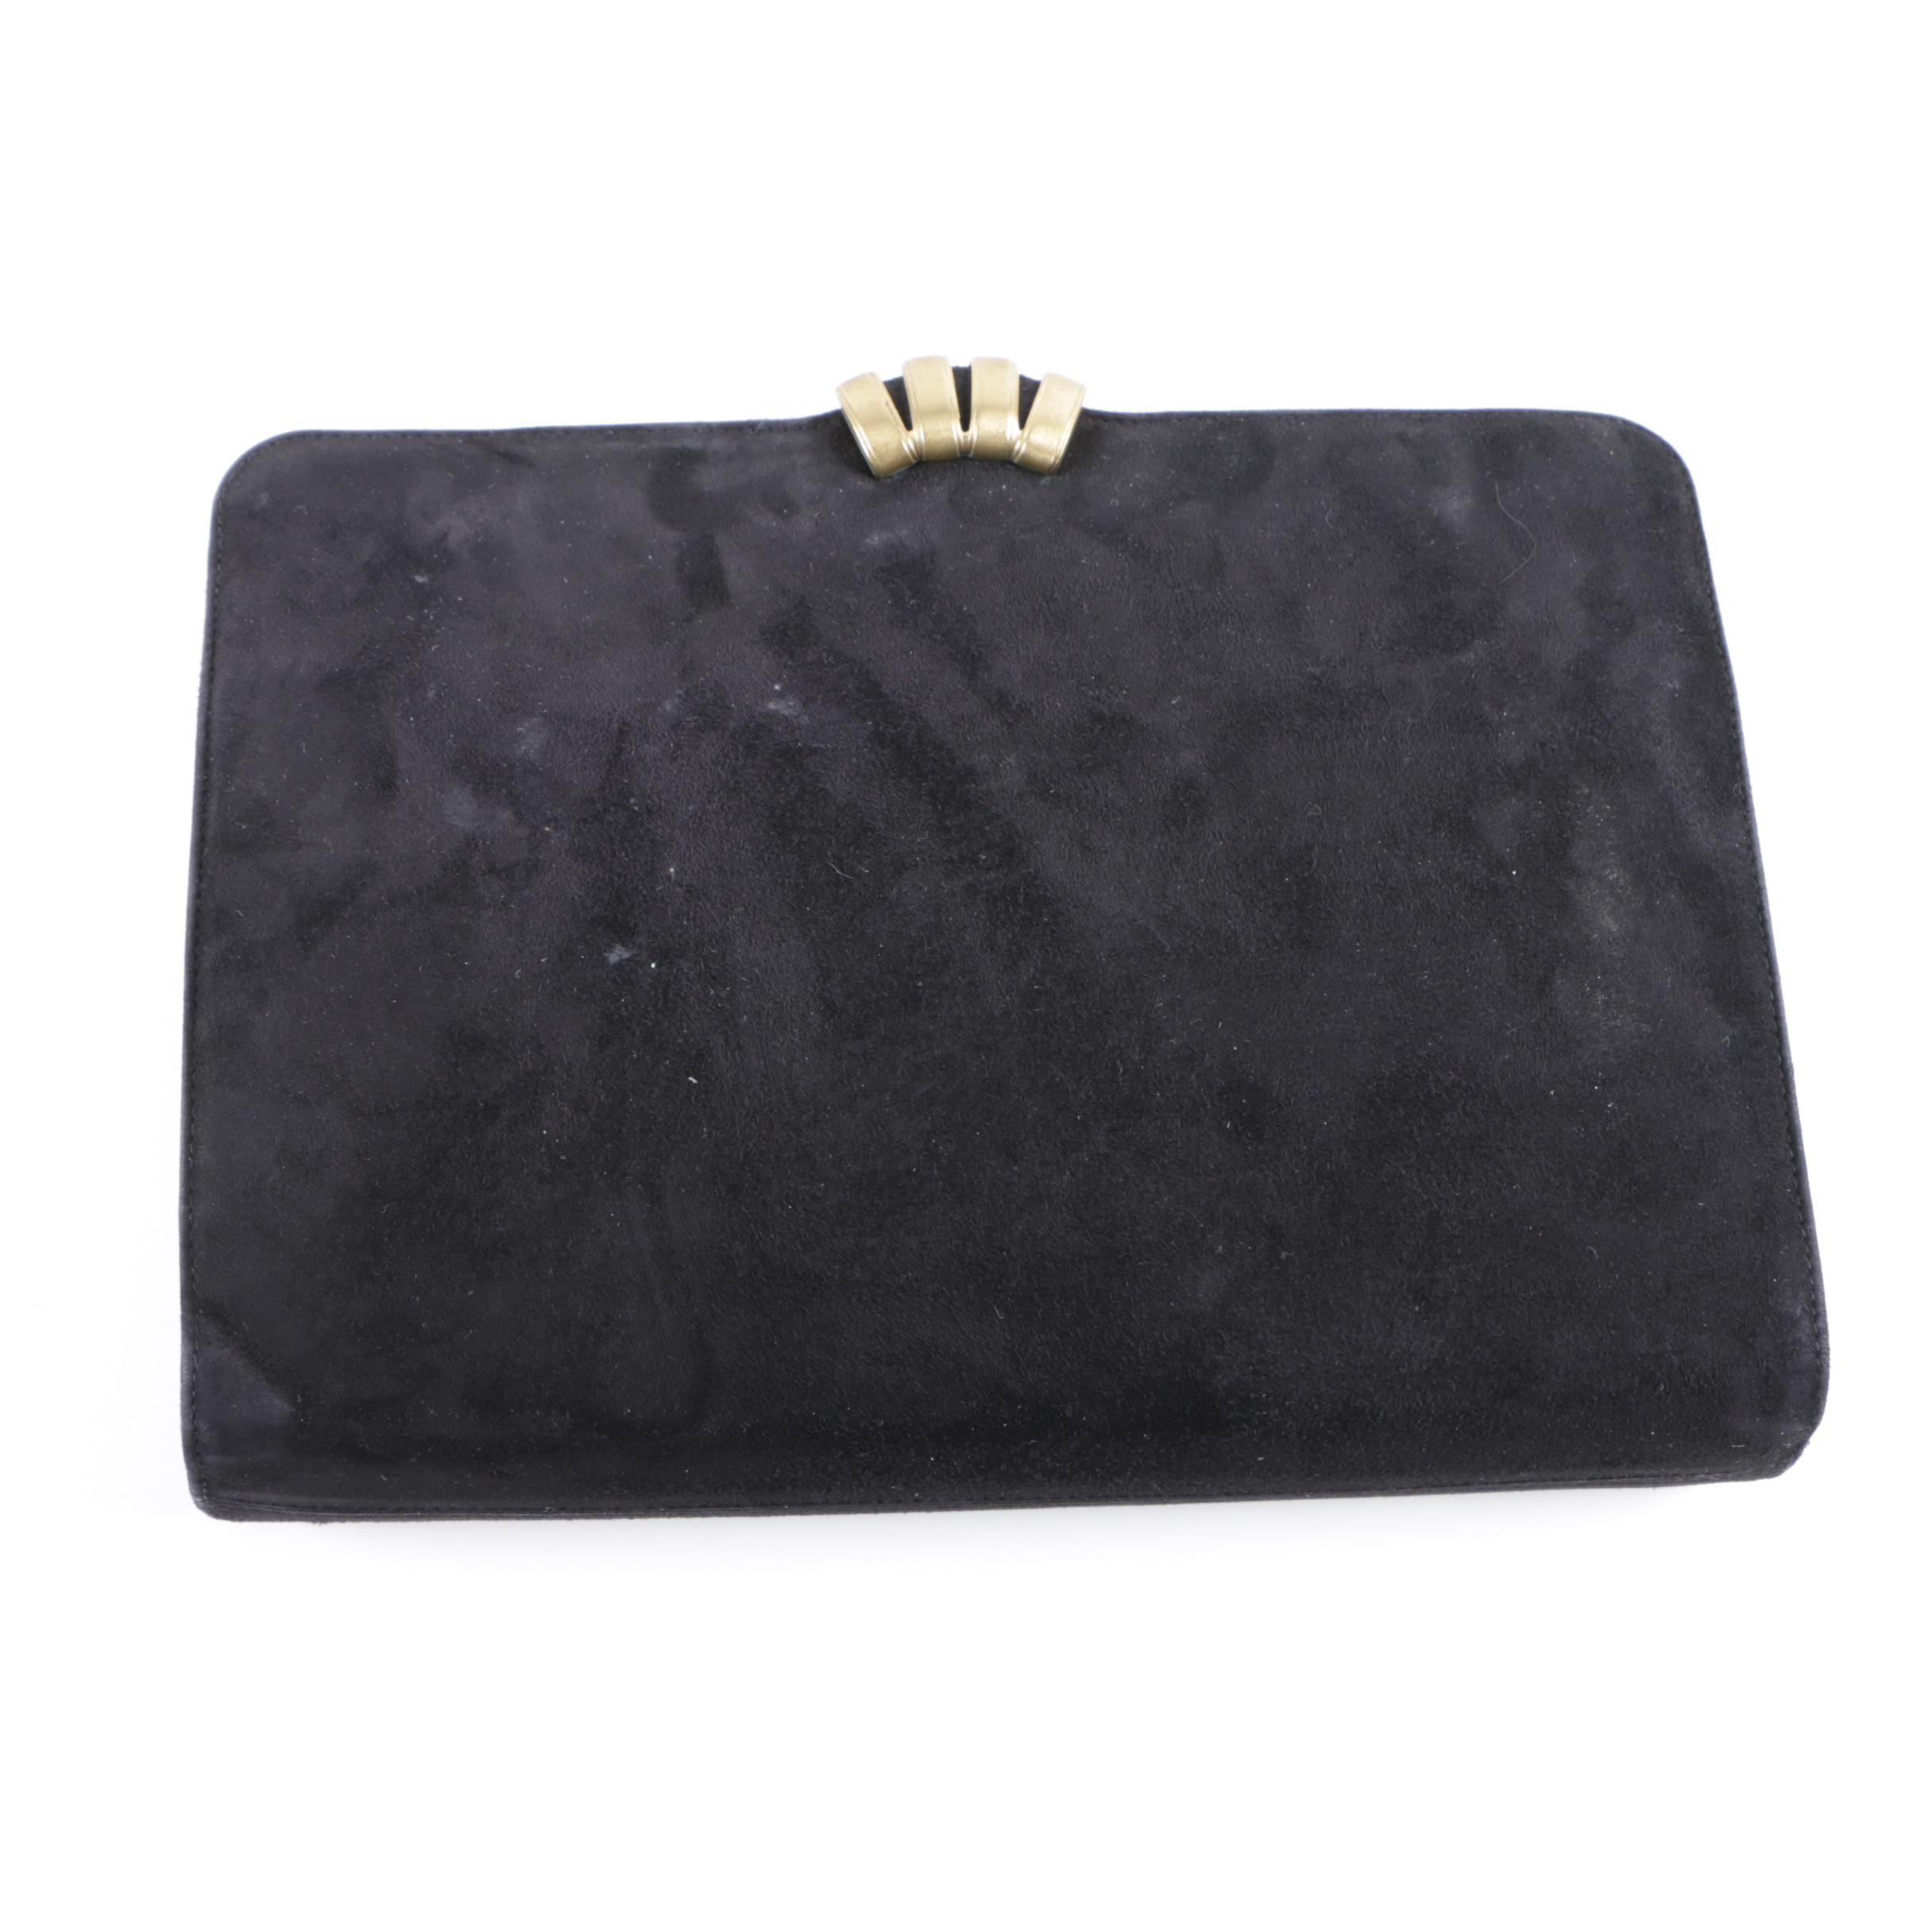 Circa 1980s Vintage Salvatore Ferragamo Black Suede Clutch Handbag